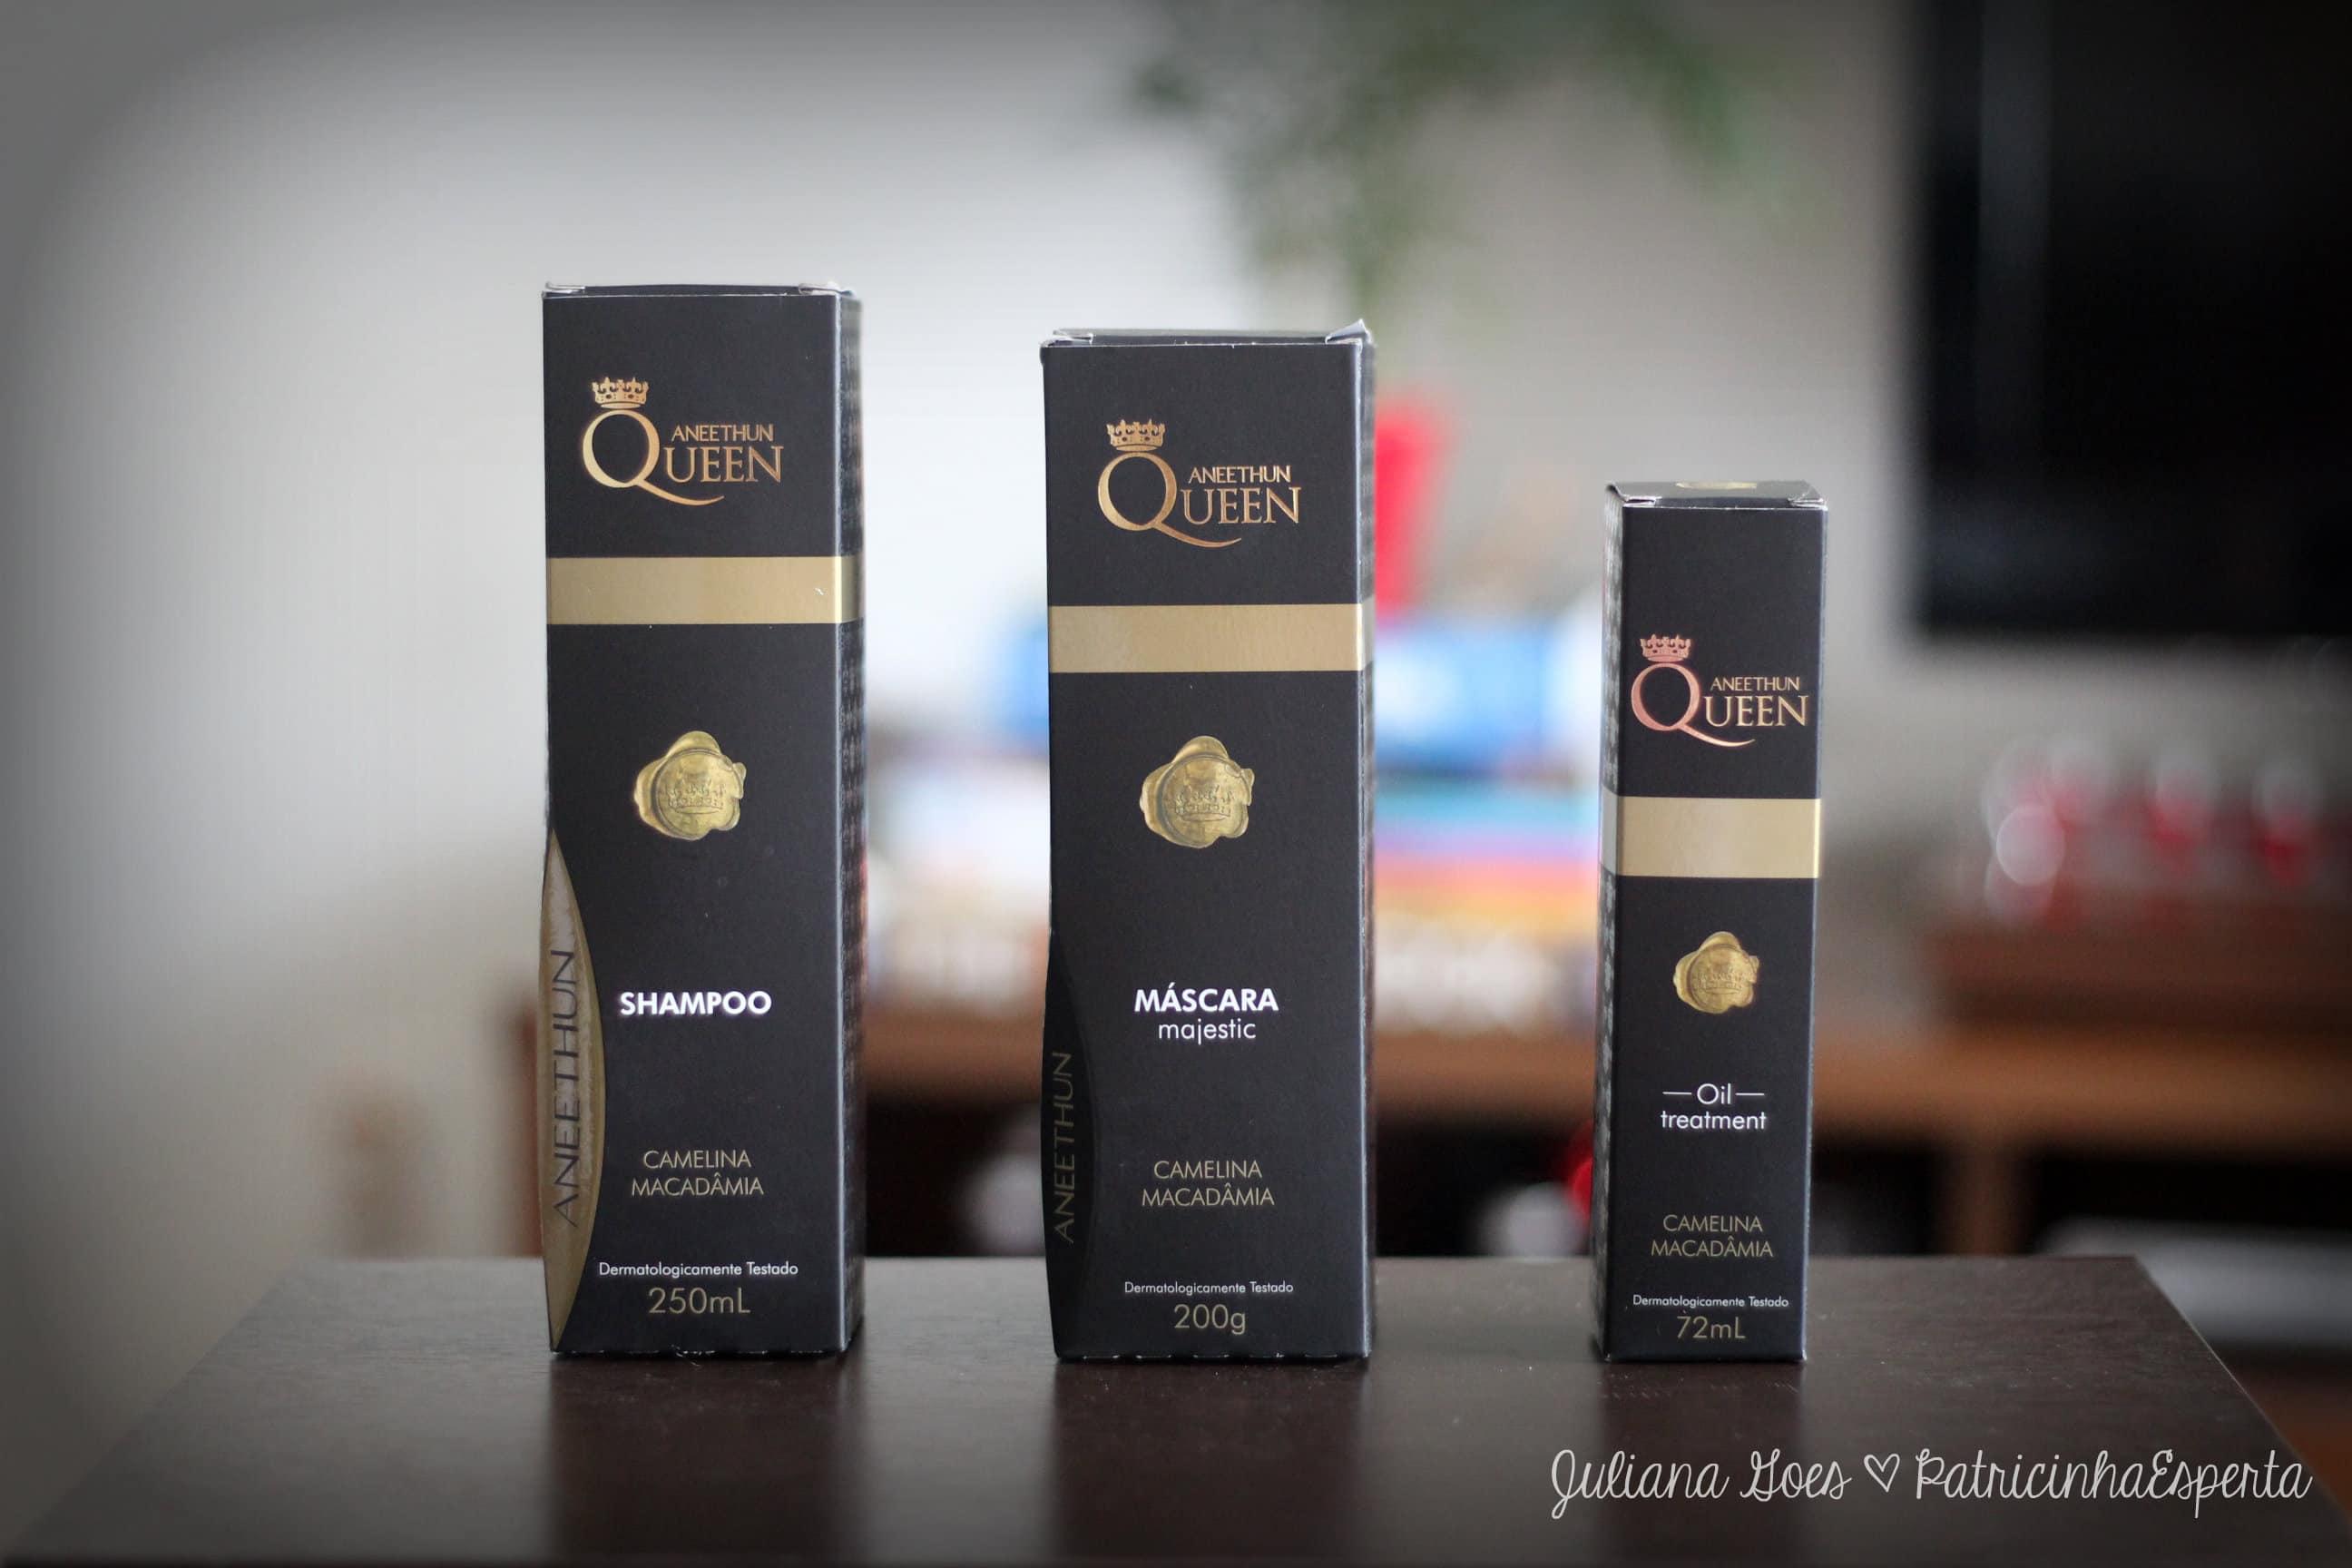 aneethun queen - Quer cabelos de Rainha? Conheça a linha completa Aneethun Queen